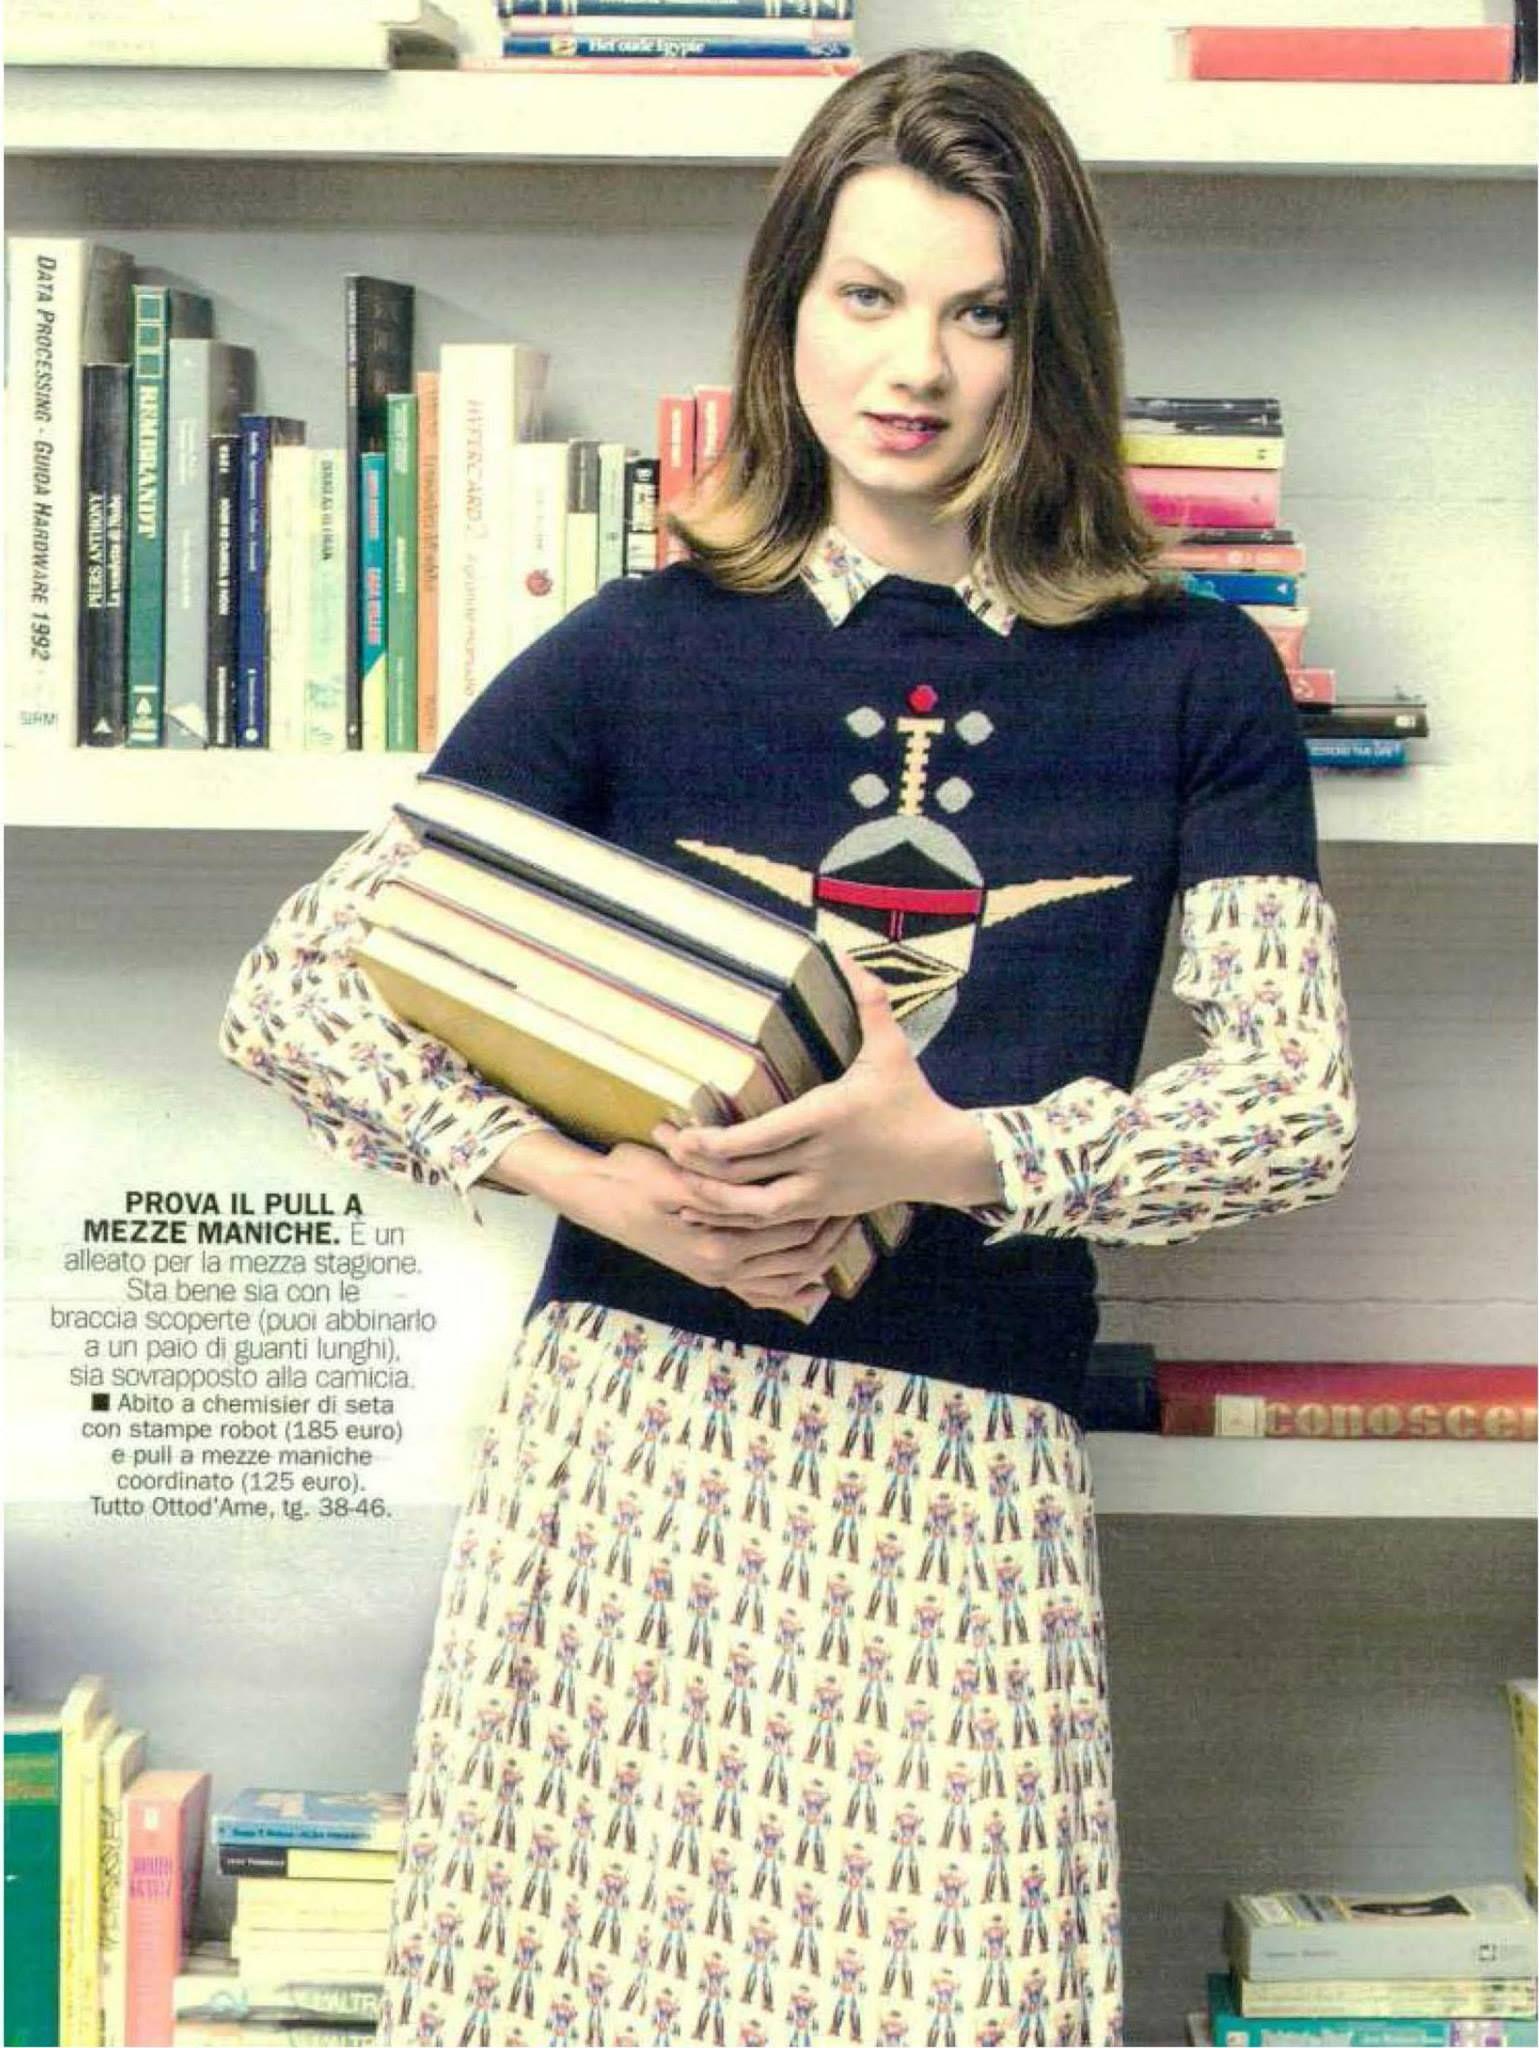 Donna Moderna issue 37 - Settembre 2015 Abito Chemisier di seta con stampa robot e pull mezze maniche stampa robot #ottodame